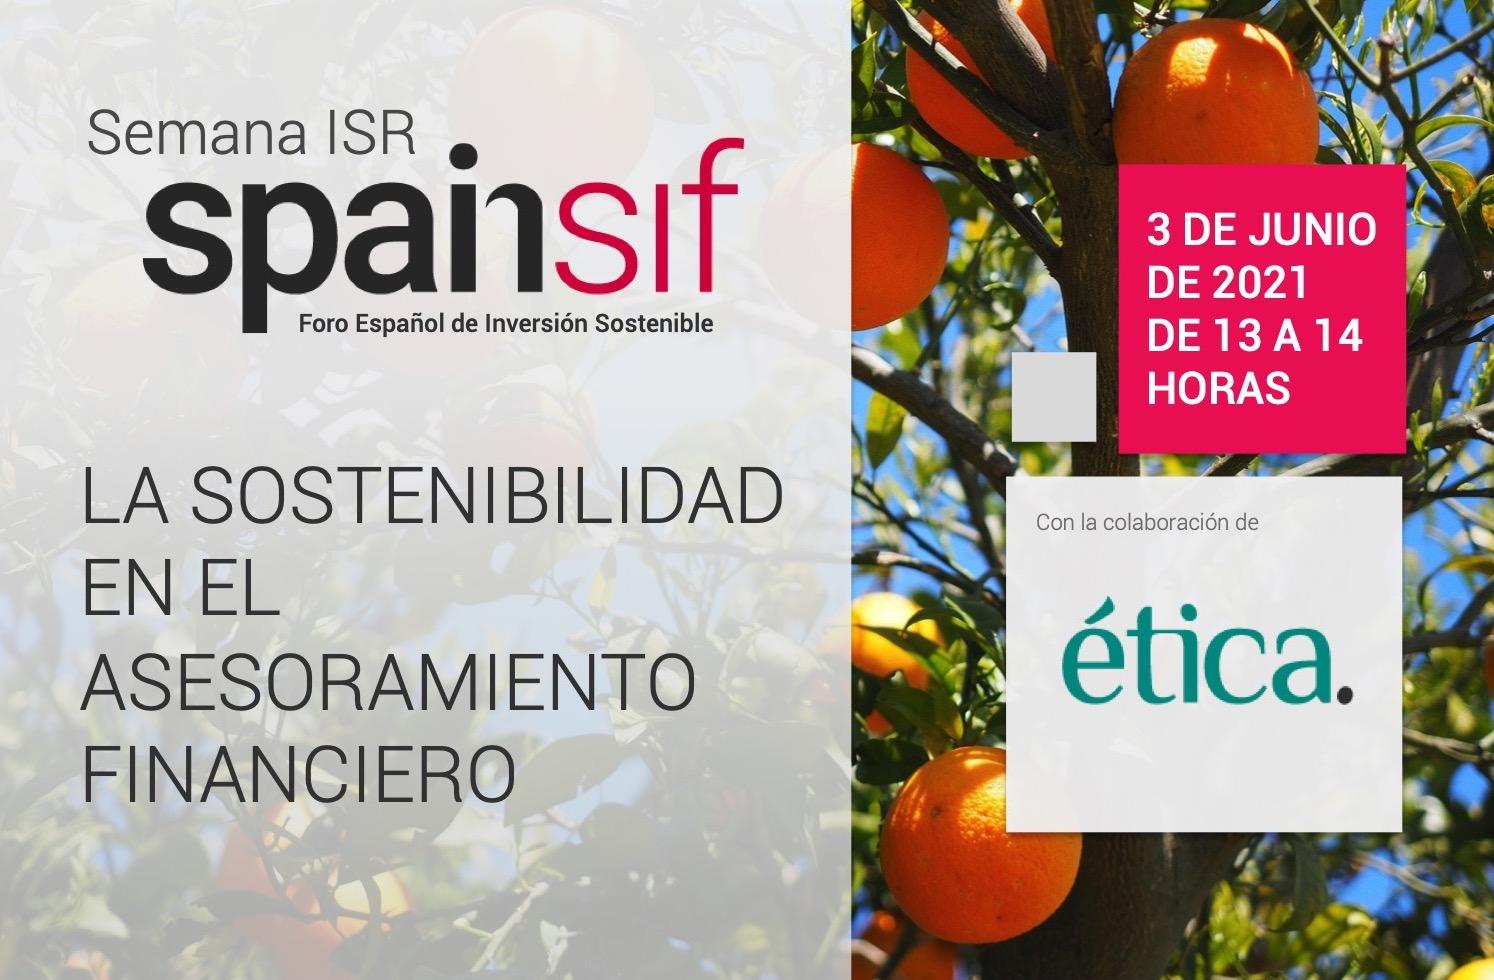 Semana ISR: La sostenibilidad en el asesoramiento financiero